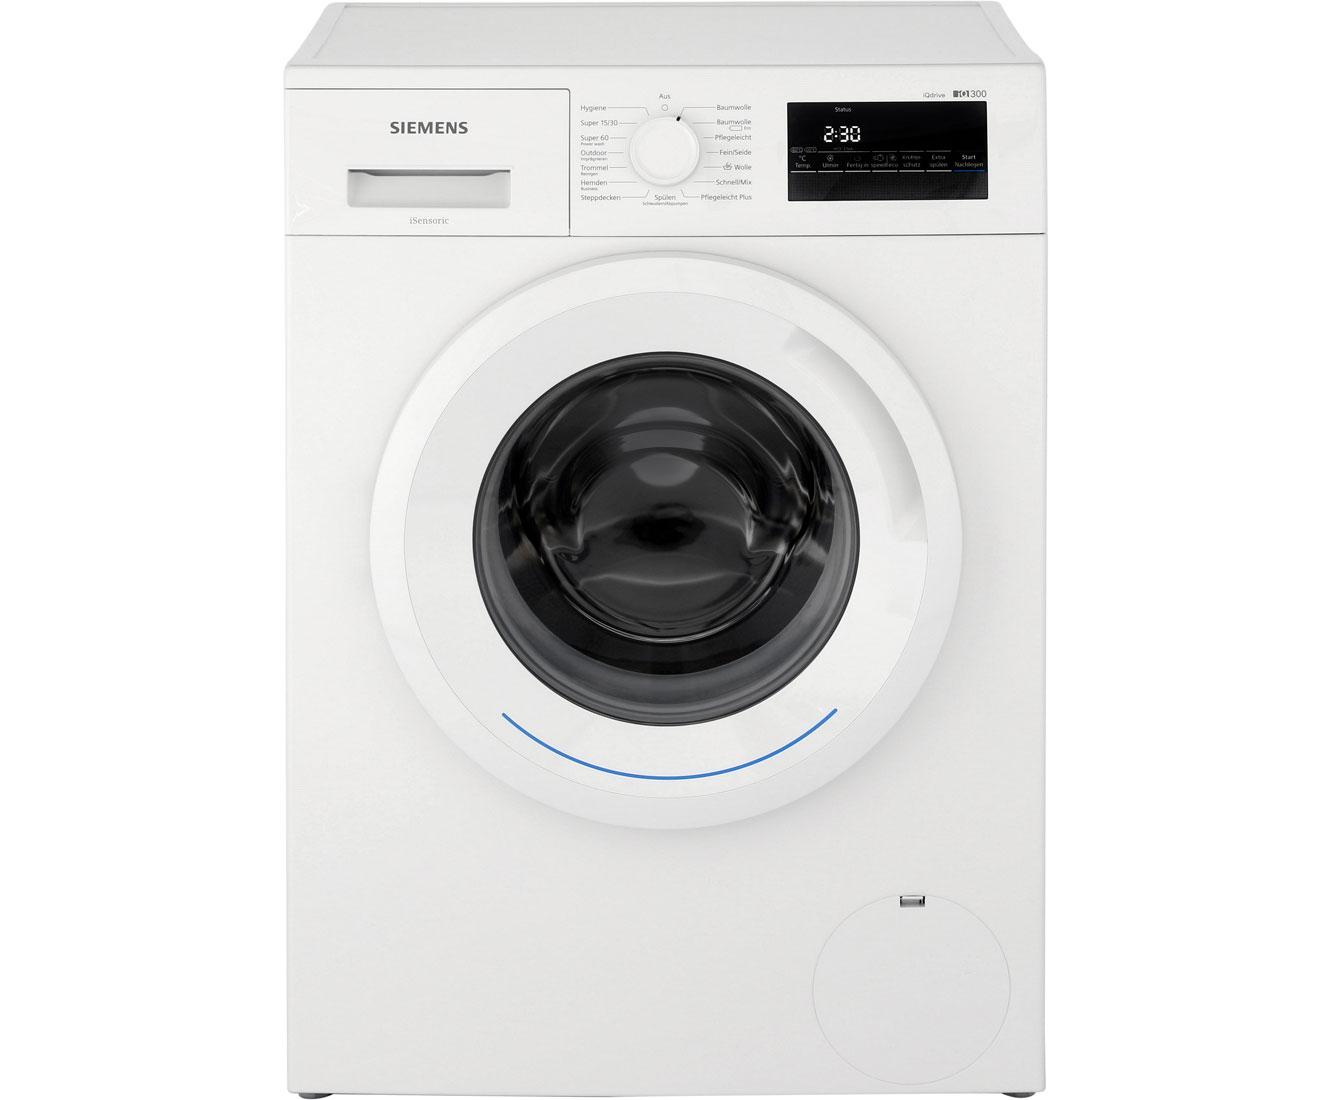 Siemens spartage bei ao z b iq waschmaschine mit inverter